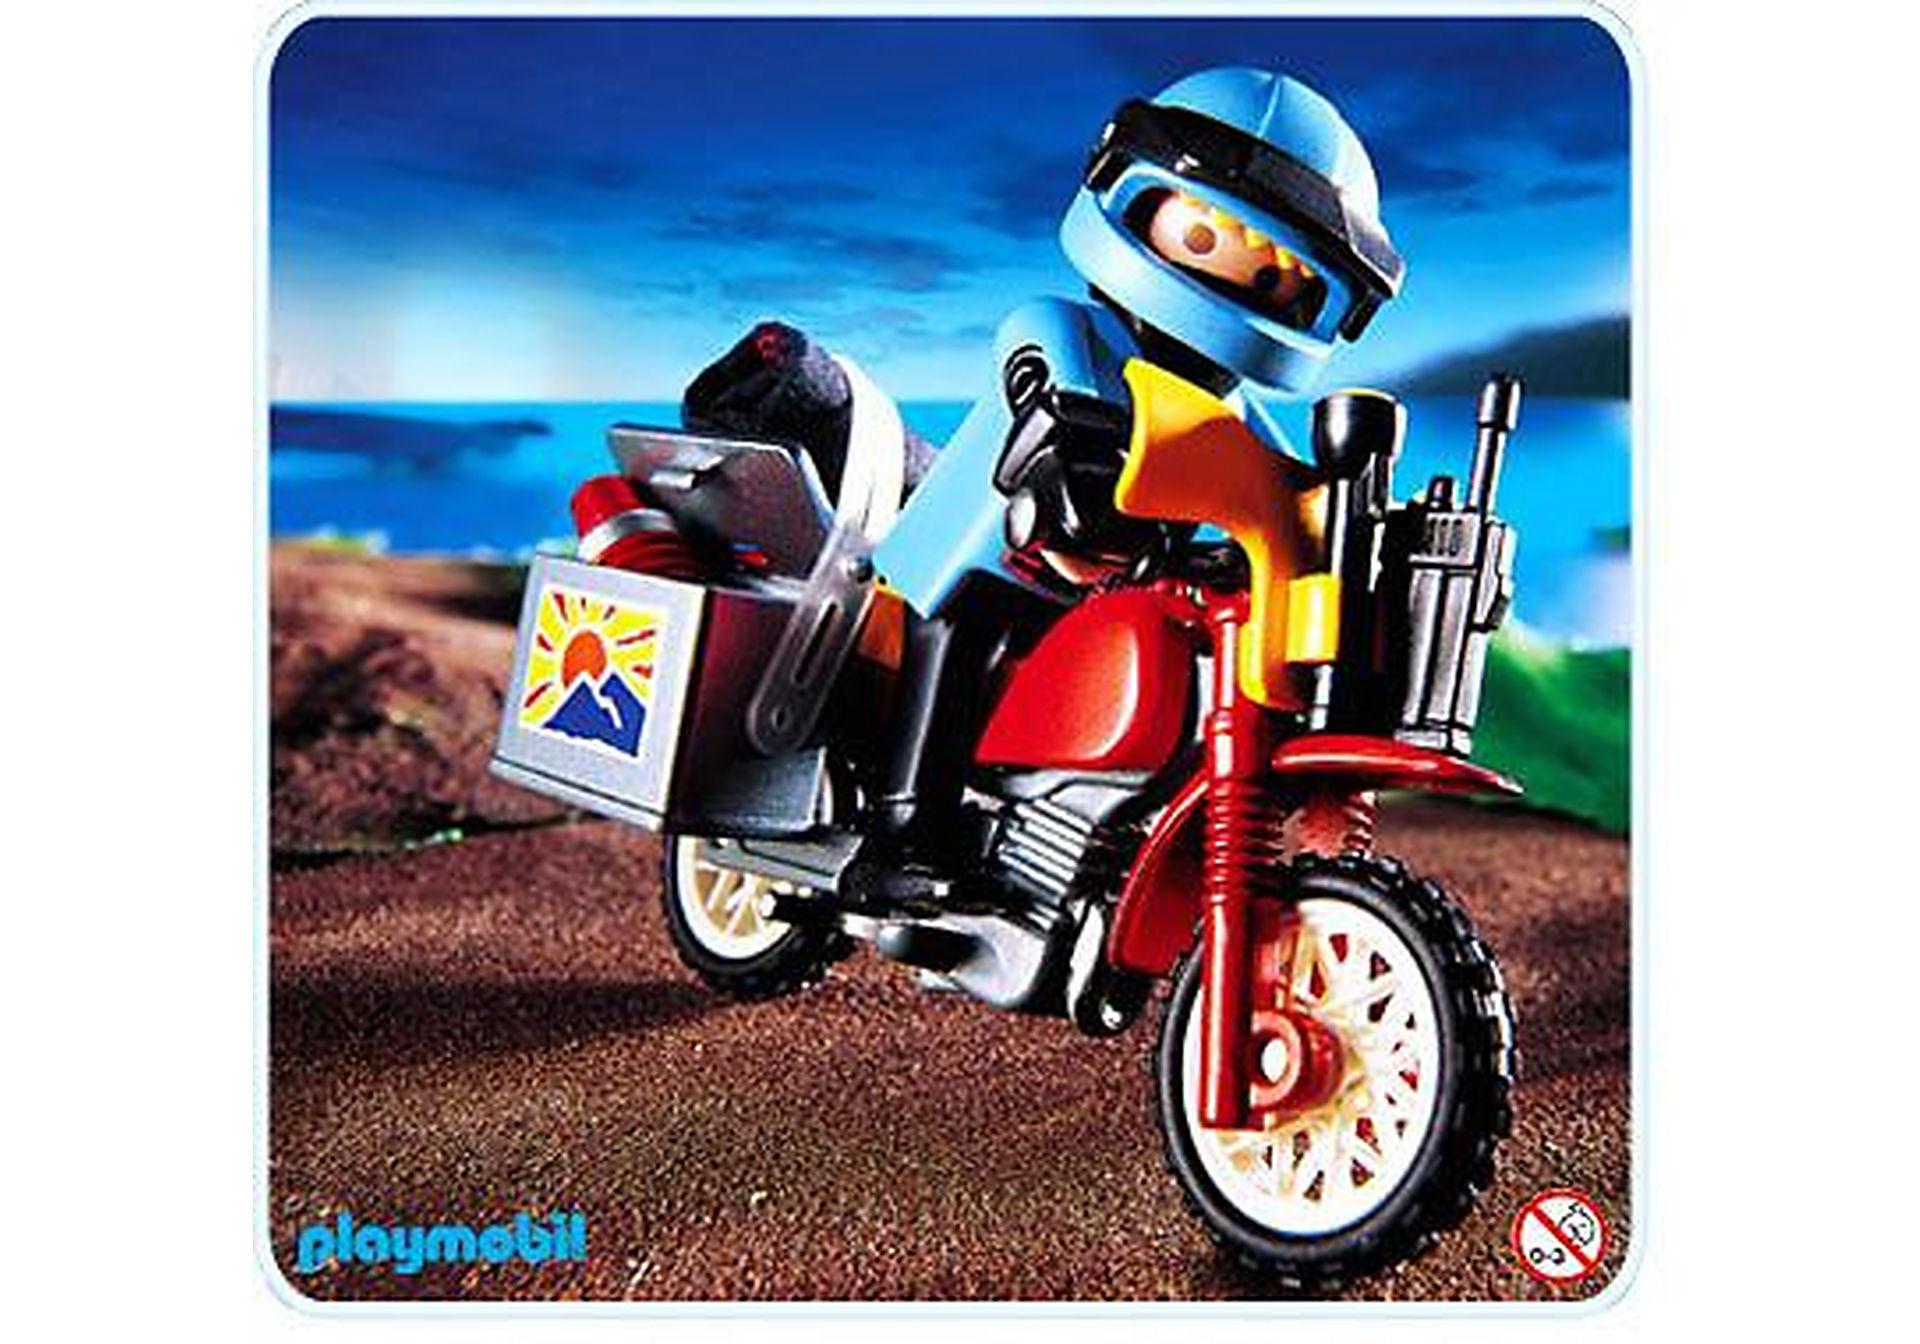 http://media.playmobil.com/i/playmobil/3222-A_product_detail/Geländemotorrad